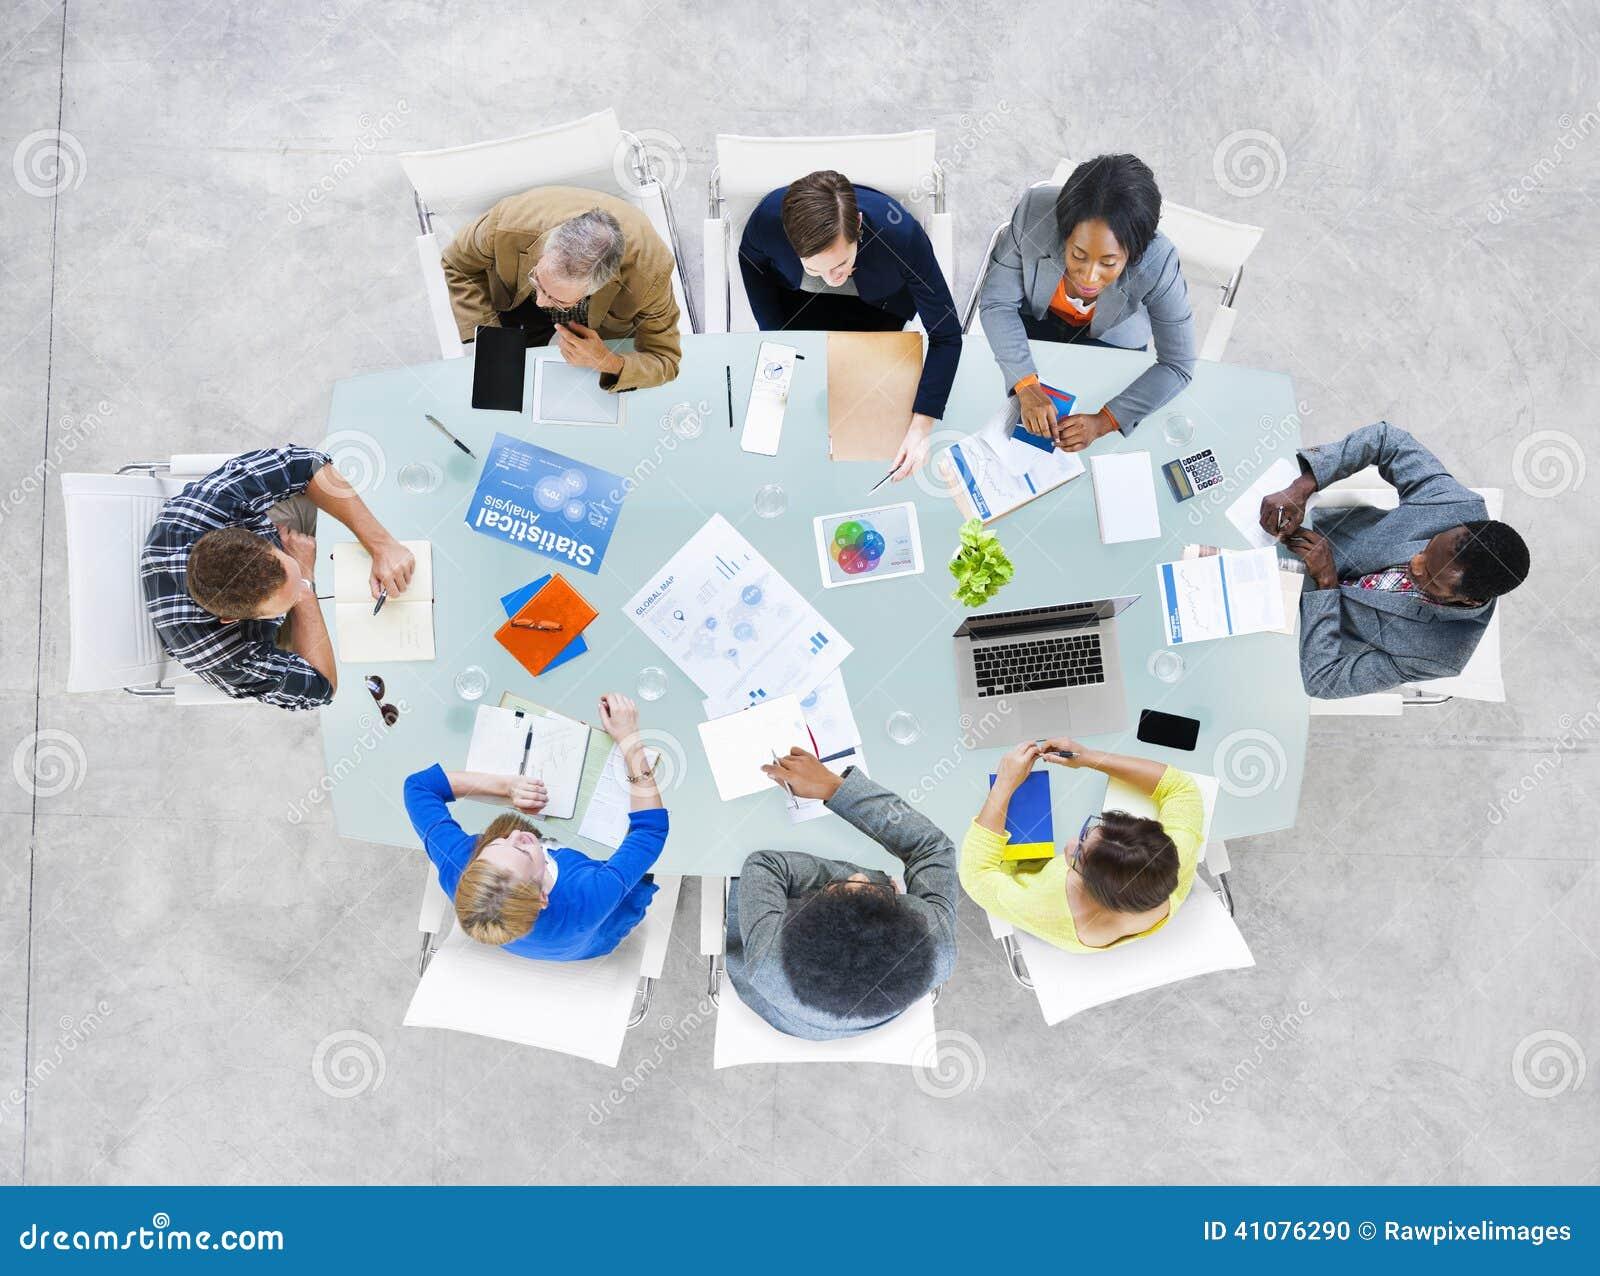 Grupp av affärsfolk som diskuterar affärsfrågor